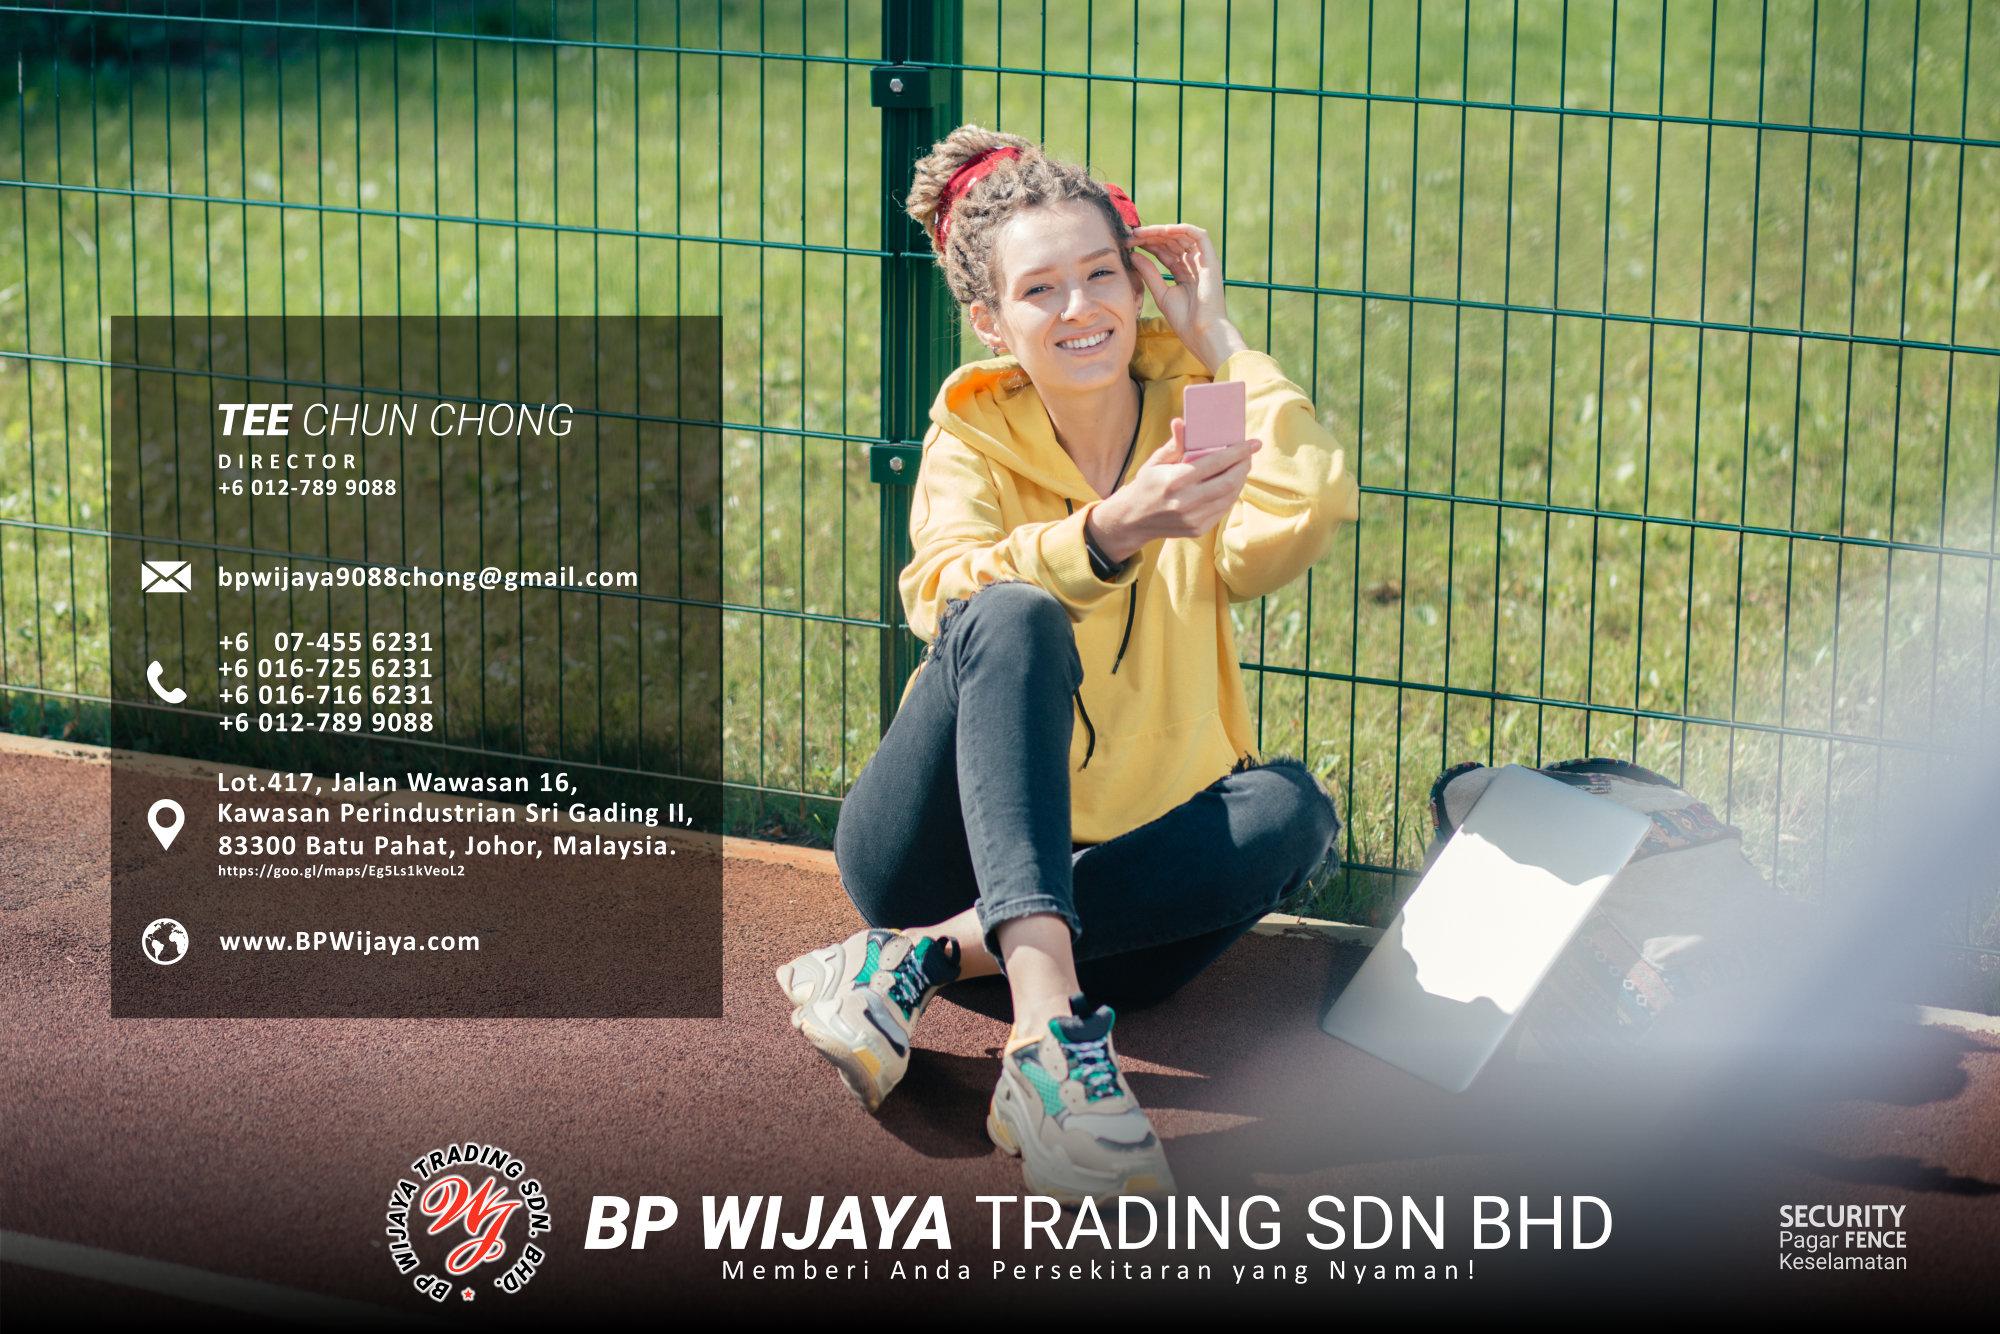 Pembekal Kuala Lumpur Pagar Keselamatan kami merupakan pengilang pagar keselamatan BP Wijaya Trading Sdn Bhd Pagar Taman Pagar Bangunan Pagar Kilang Pagar Rumah Pemborong Pagar Keselamatan A03-008